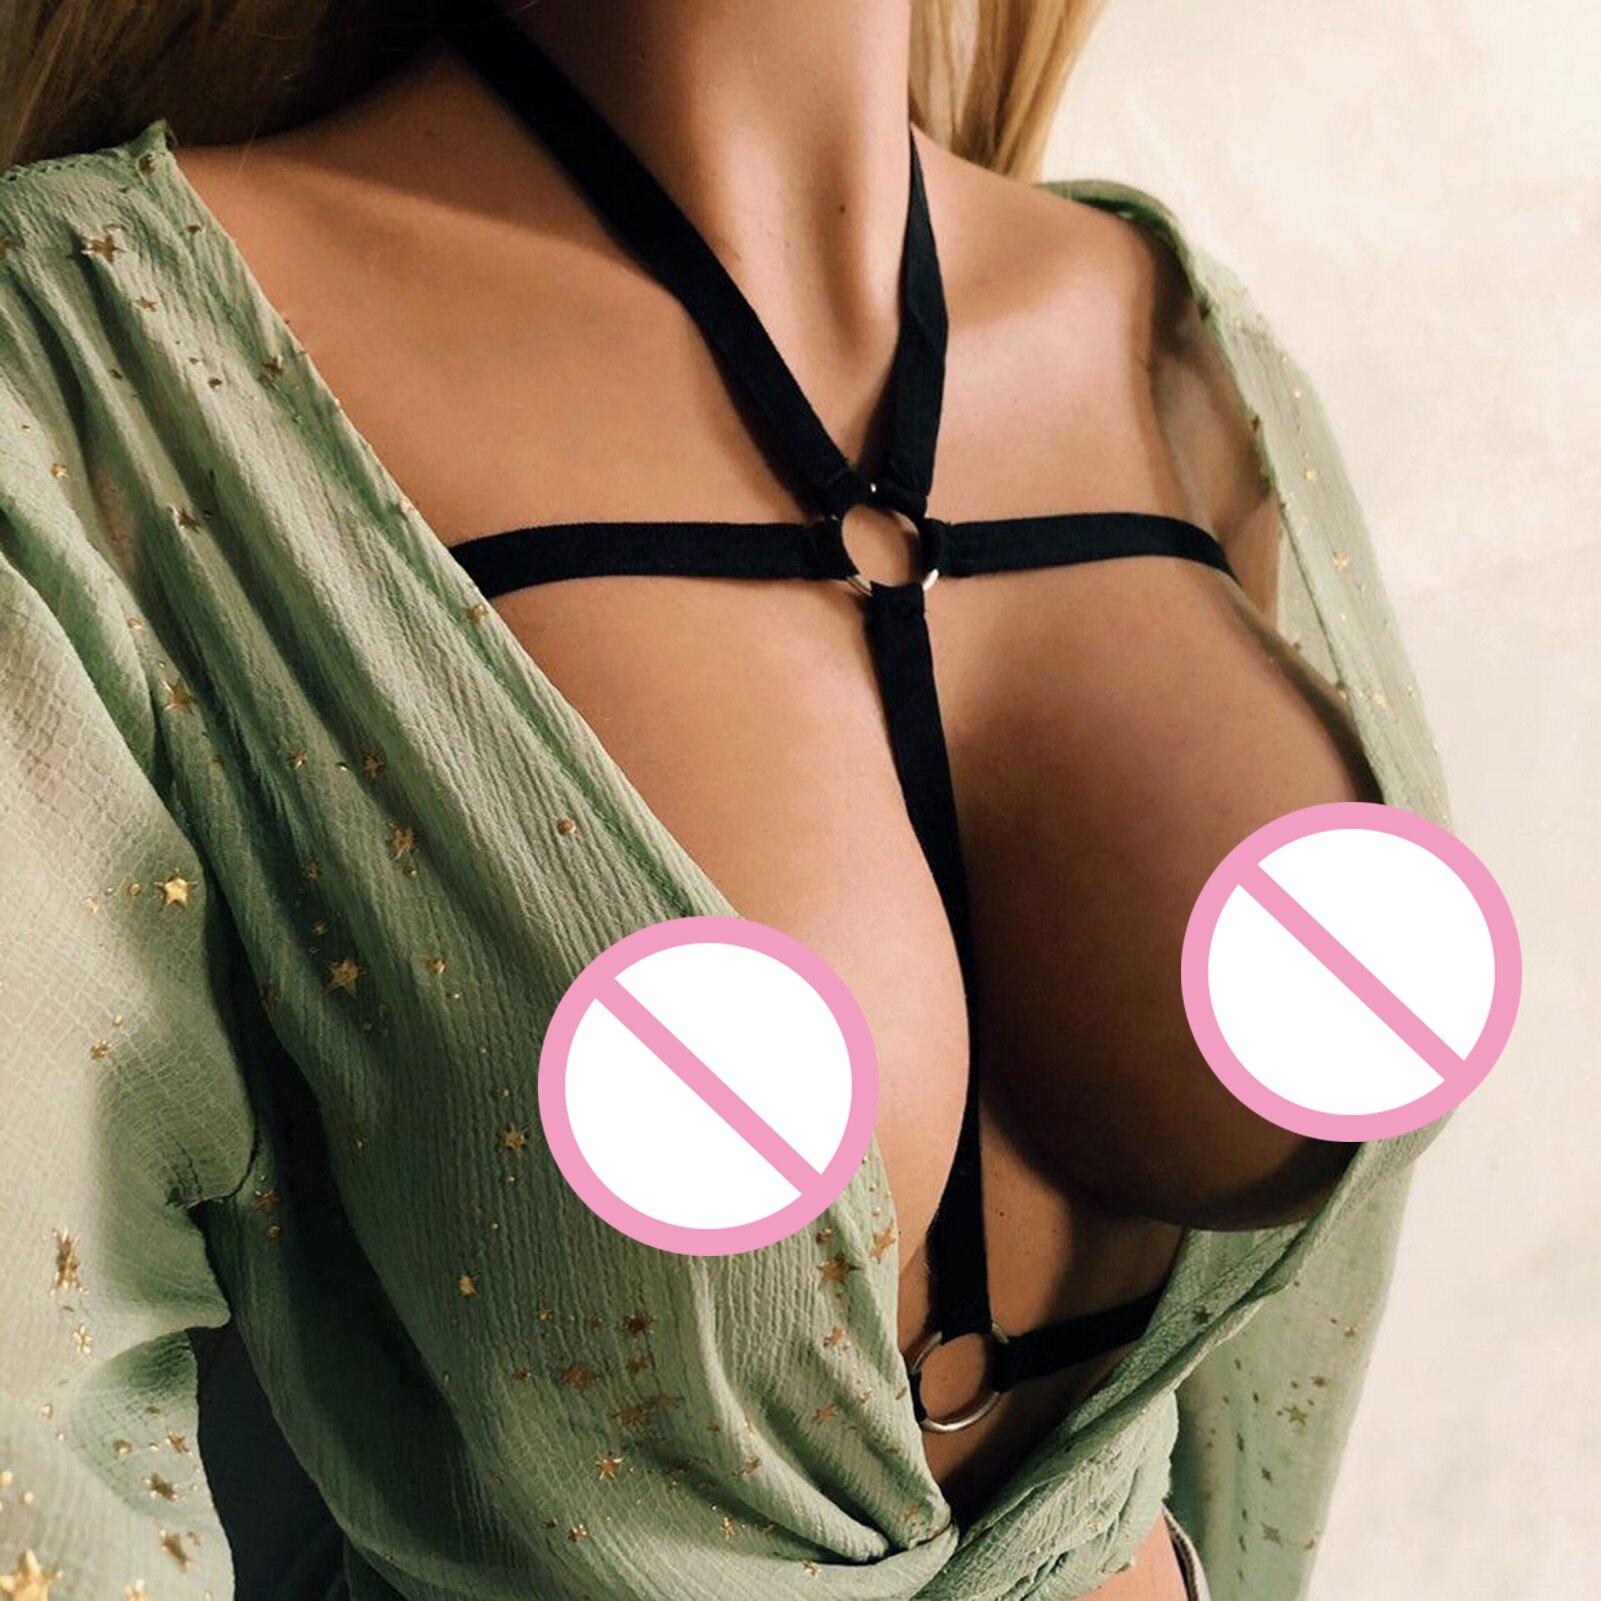 Sexy femmes Lingerie Cupless soutien-gorge érotique à bretelles haut élastique corps sangle sous-vêtements noir sensuel tenue femme Lingerie soutien-gorge